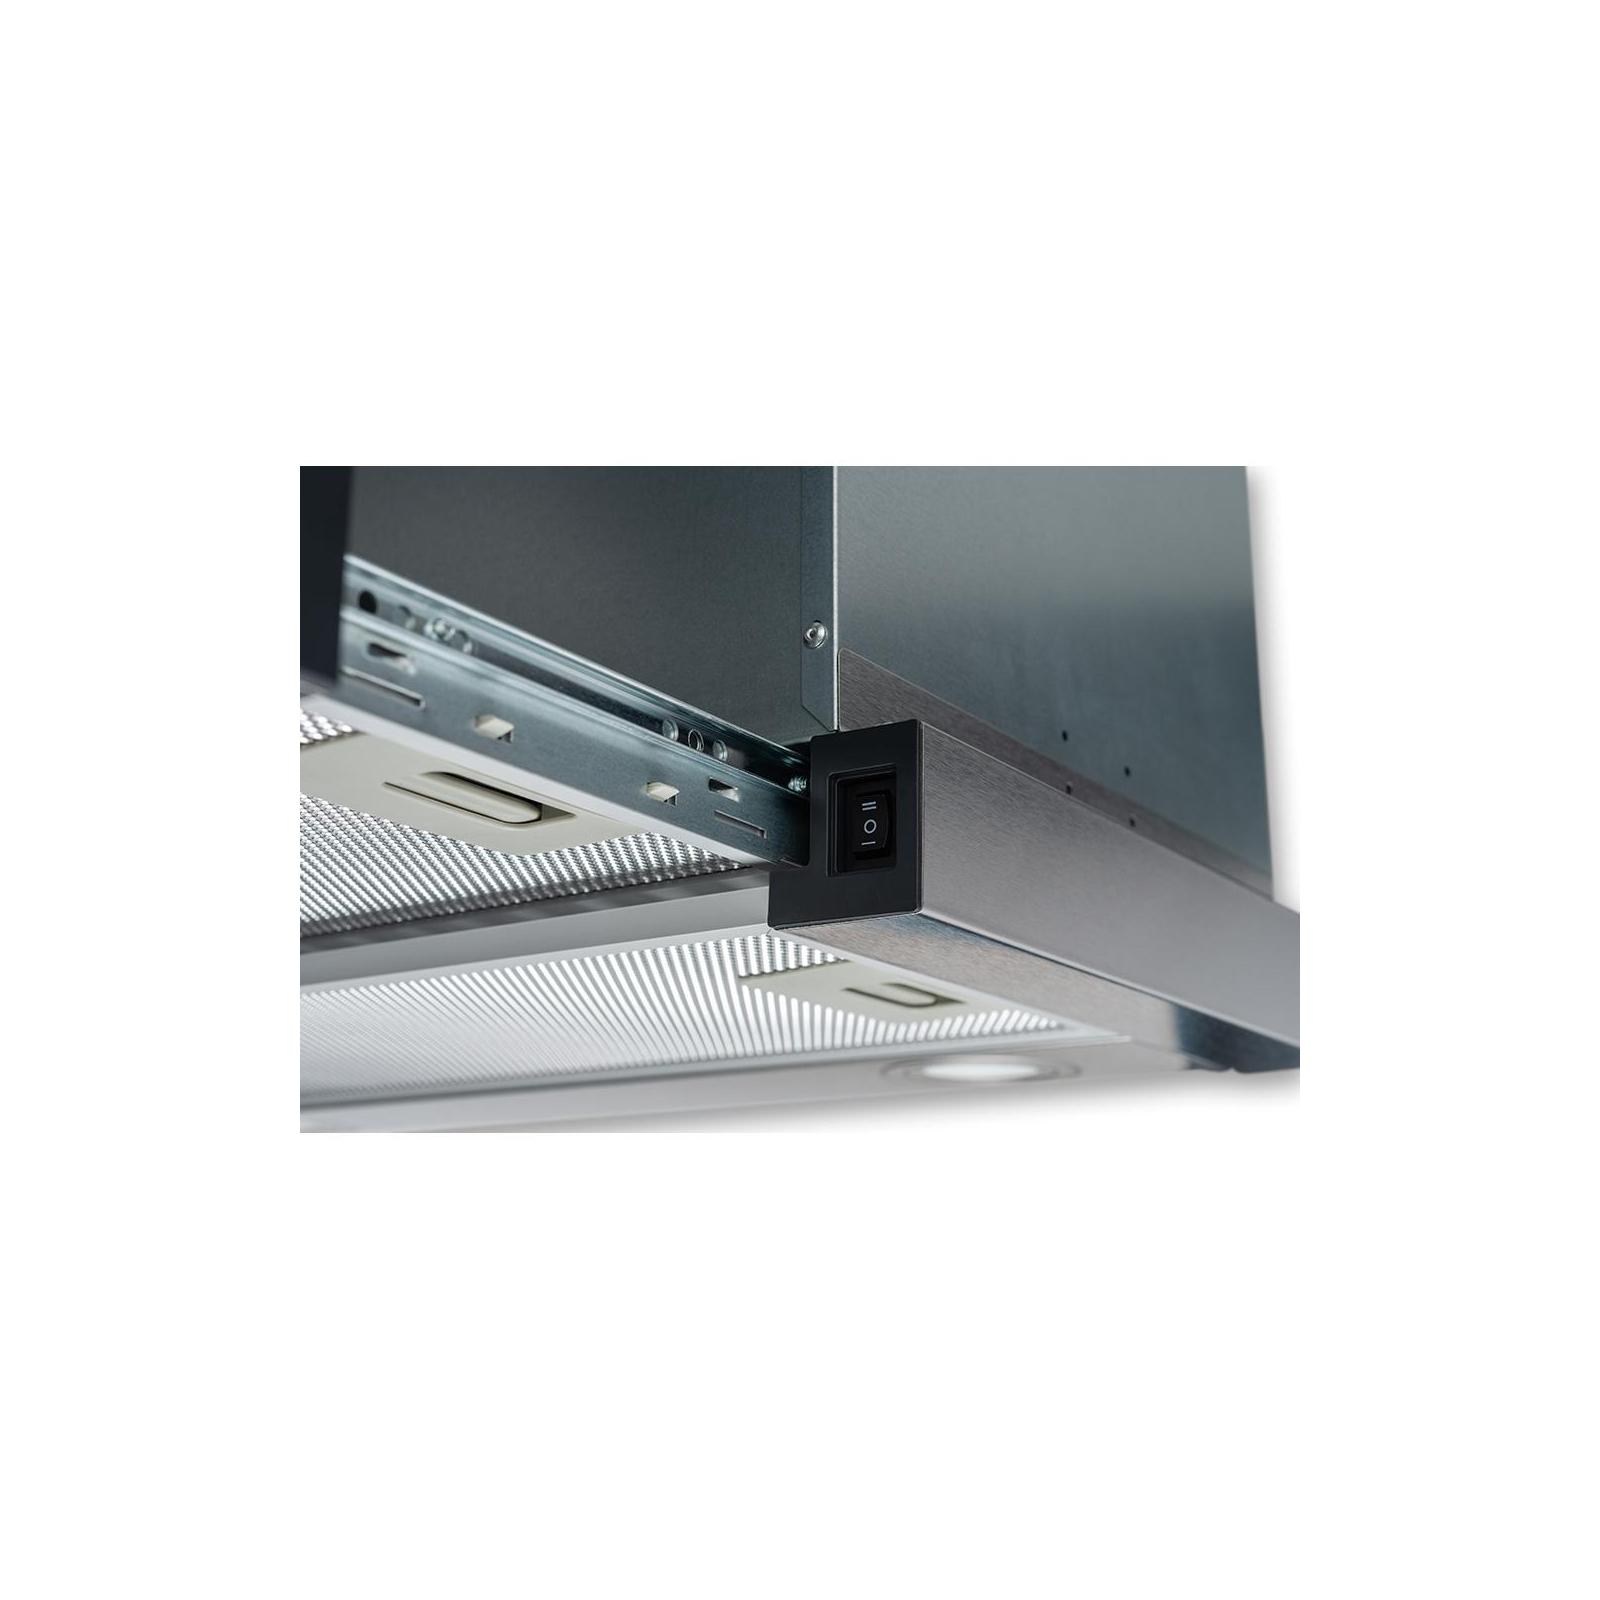 Вытяжка кухонная MINOLA HTL 6612 I 1000 LED изображение 5